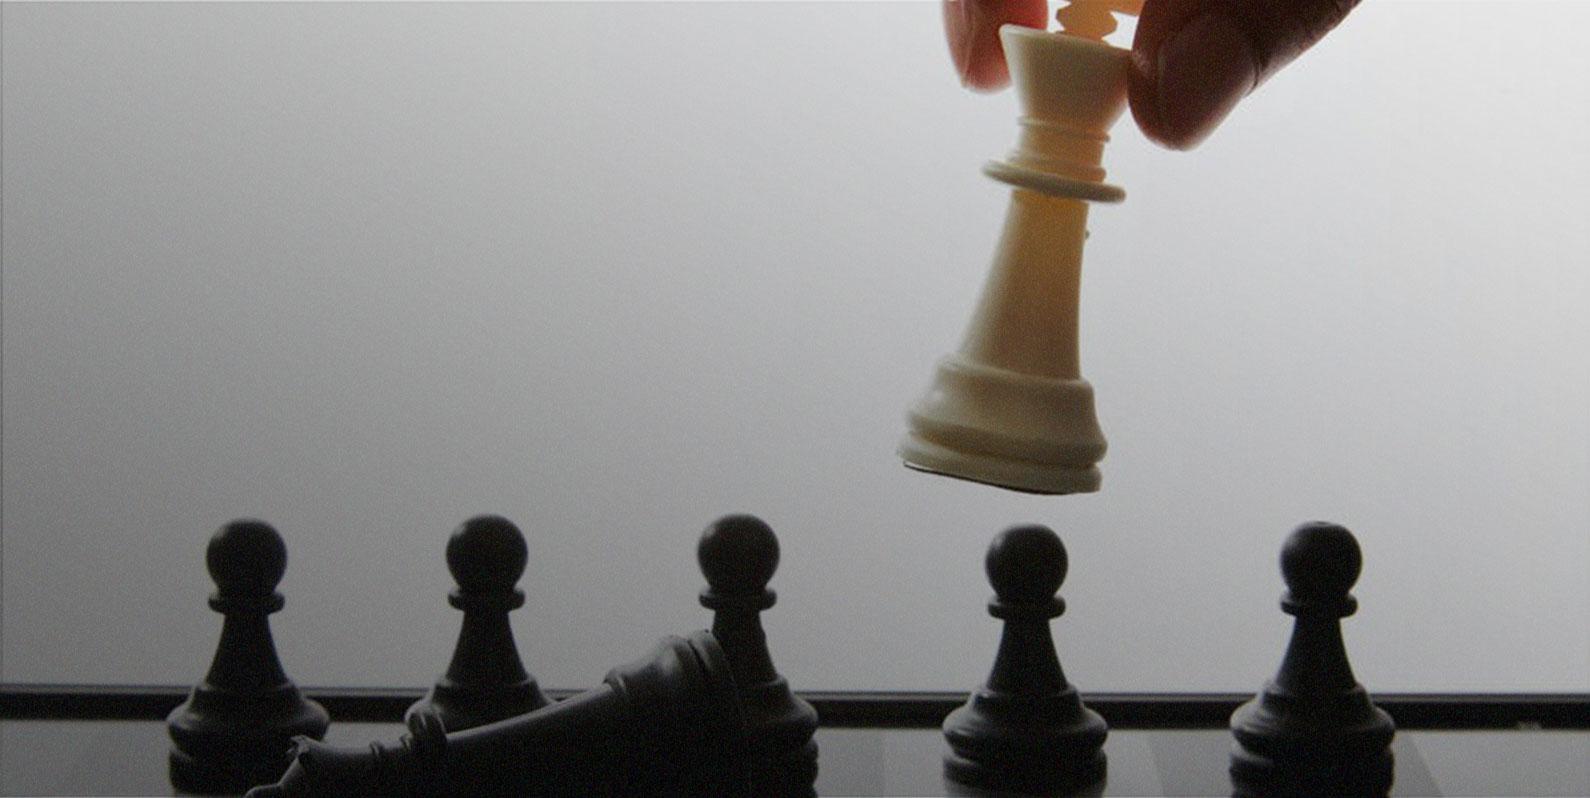 O que está faltando nas declarações corporativas sobre injustiça racial? A verdadeira causa do racismo